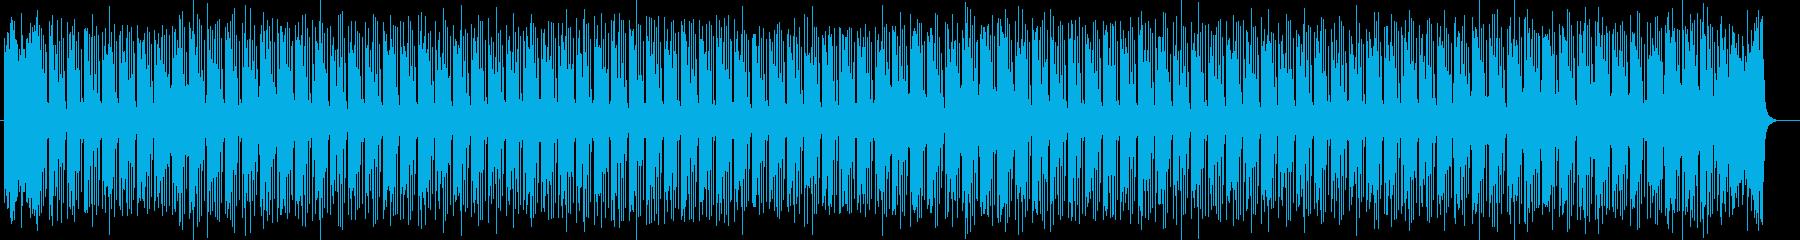 明るくキャッチーなシンセサイザーサウンドの再生済みの波形